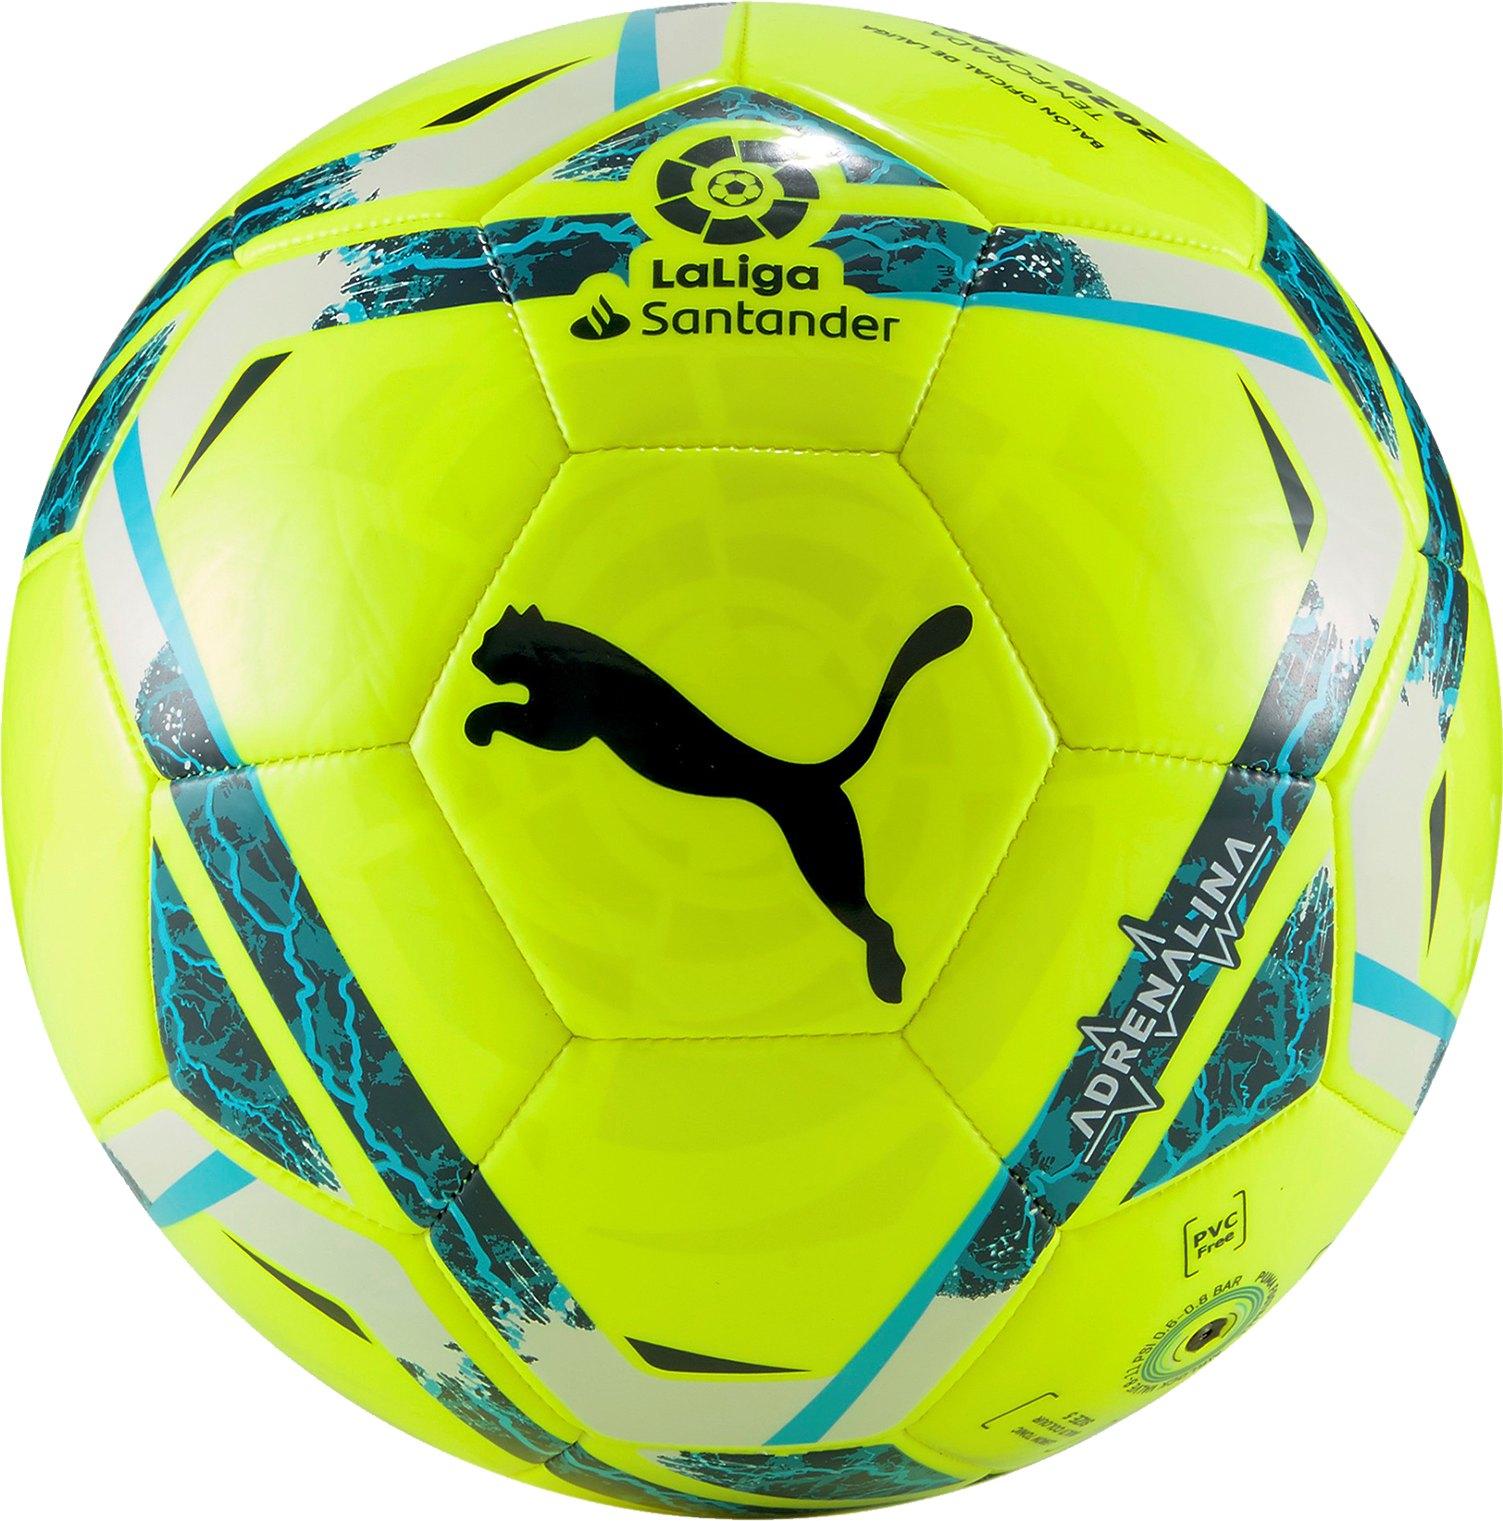 PUMA LaLiga 1 ADRENALINA MS Trainingsball Gelb F01 - gelb